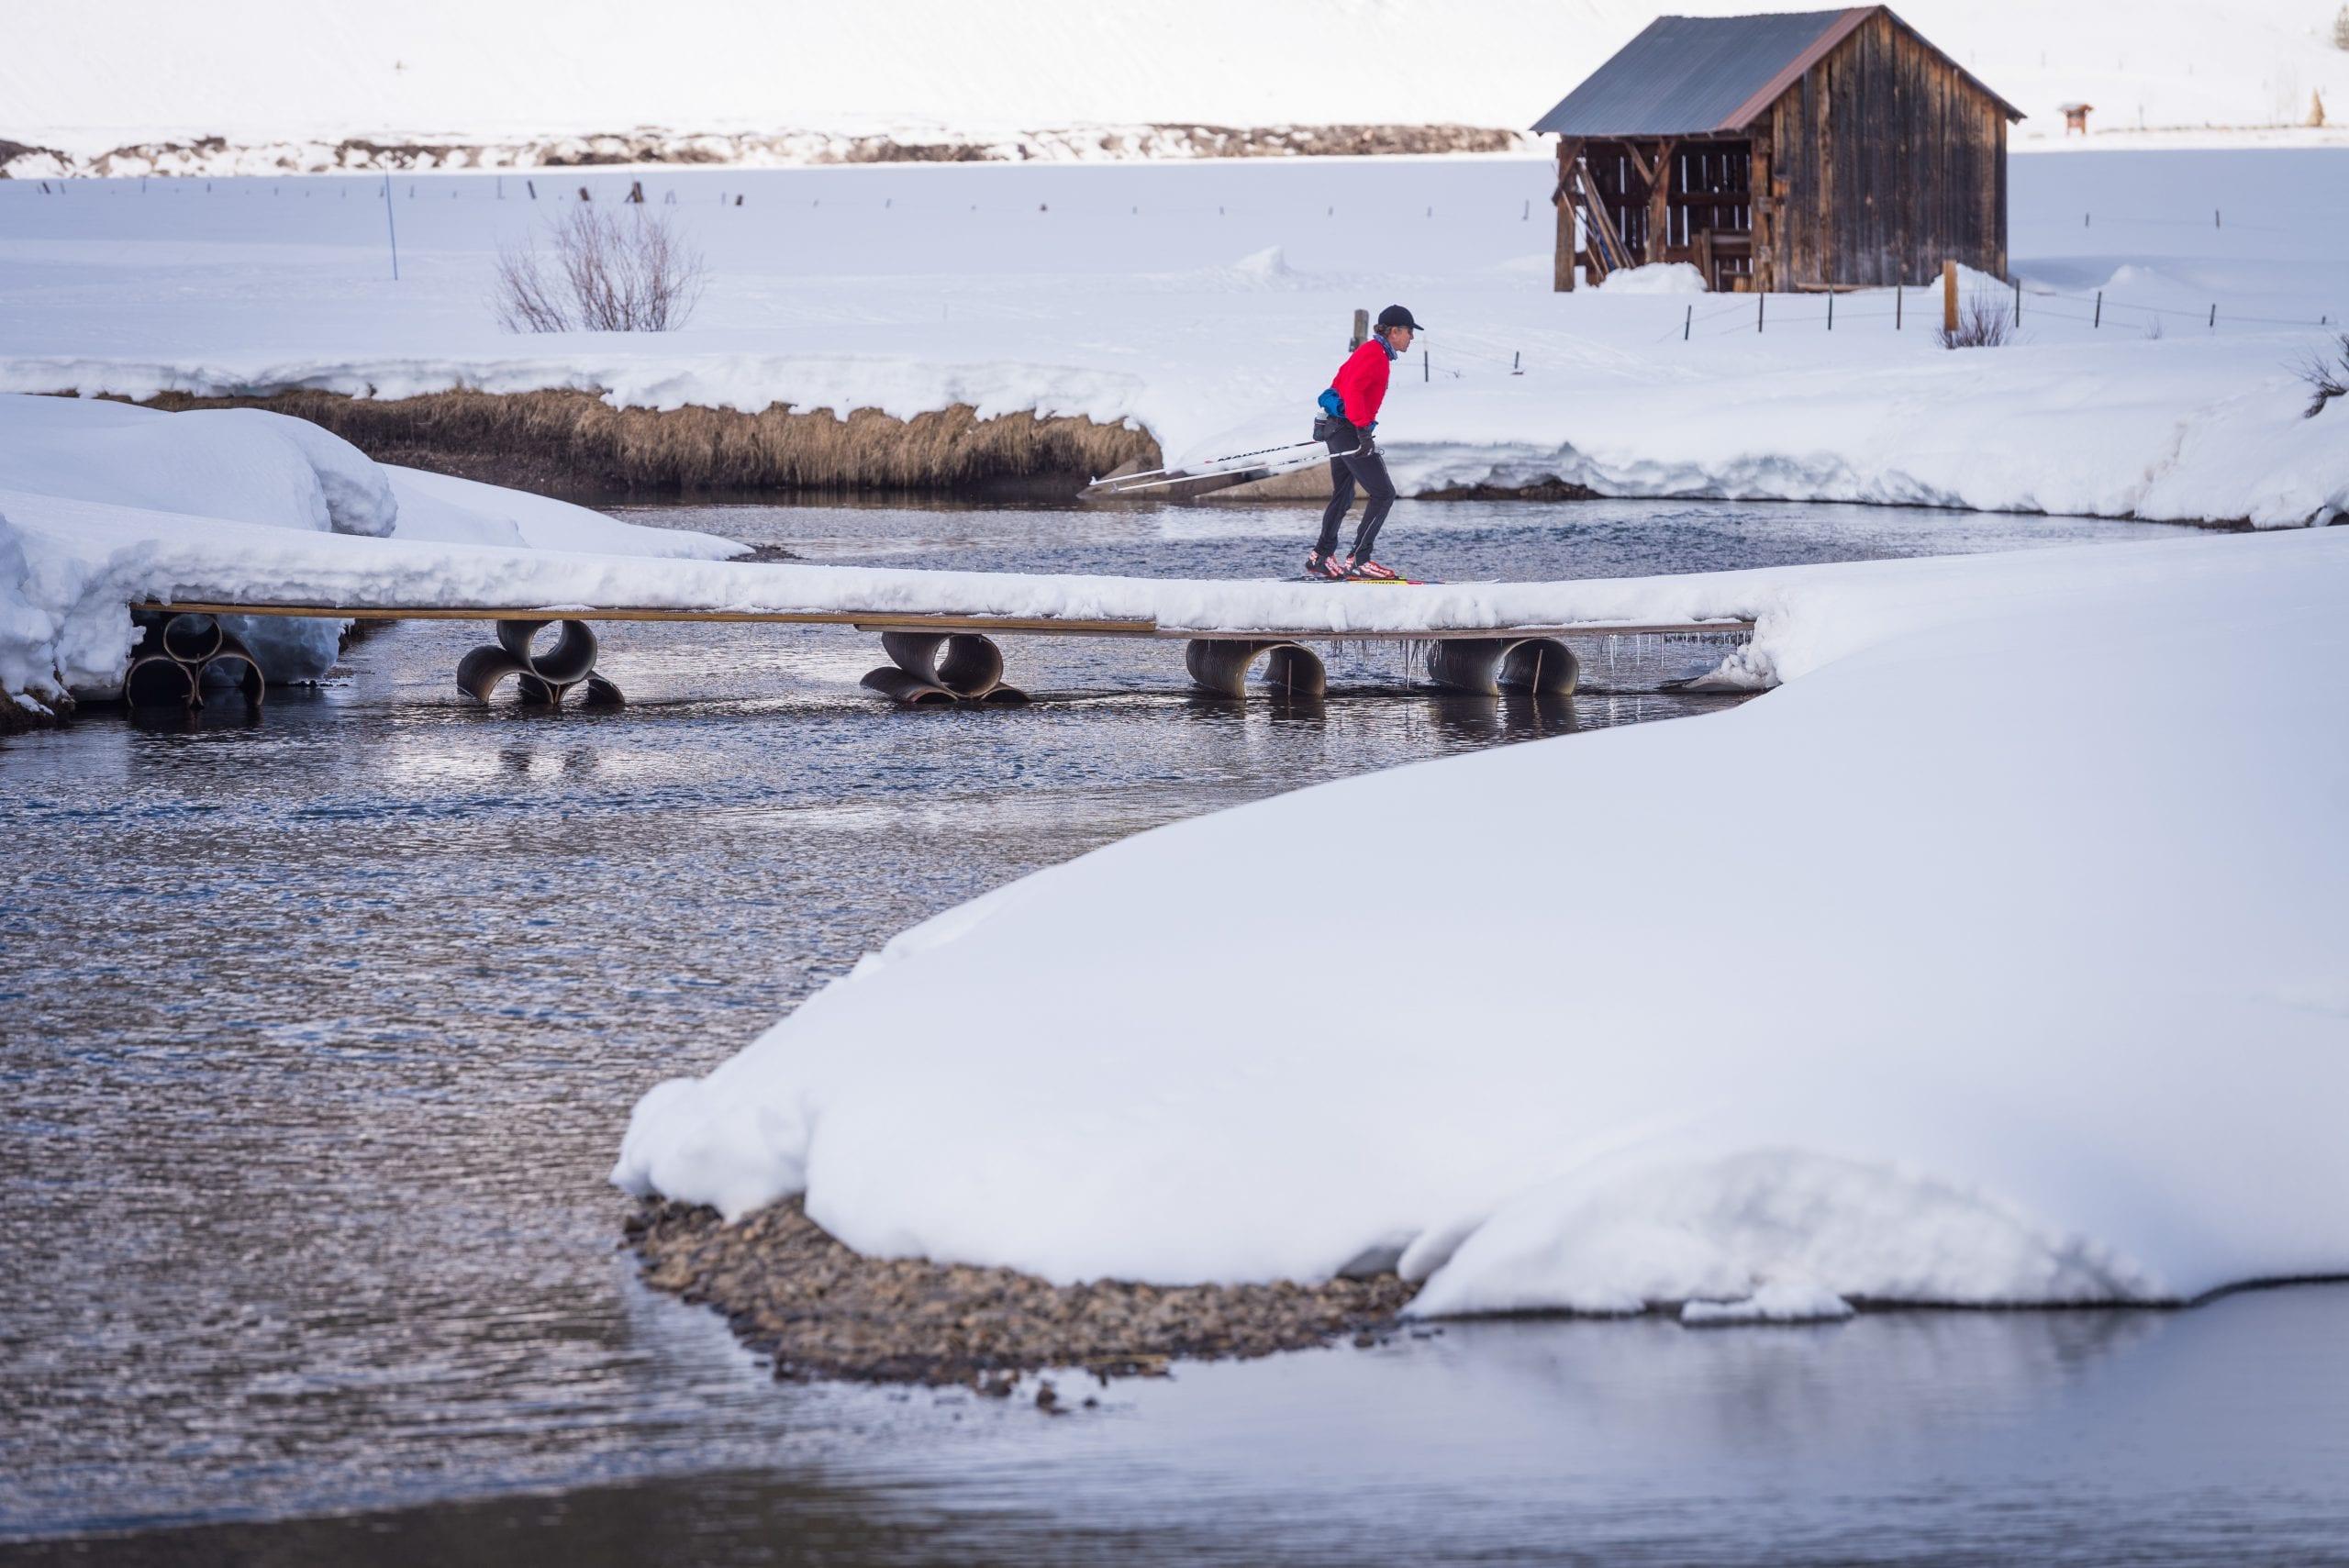 Solo skier crossing a bridge in early season